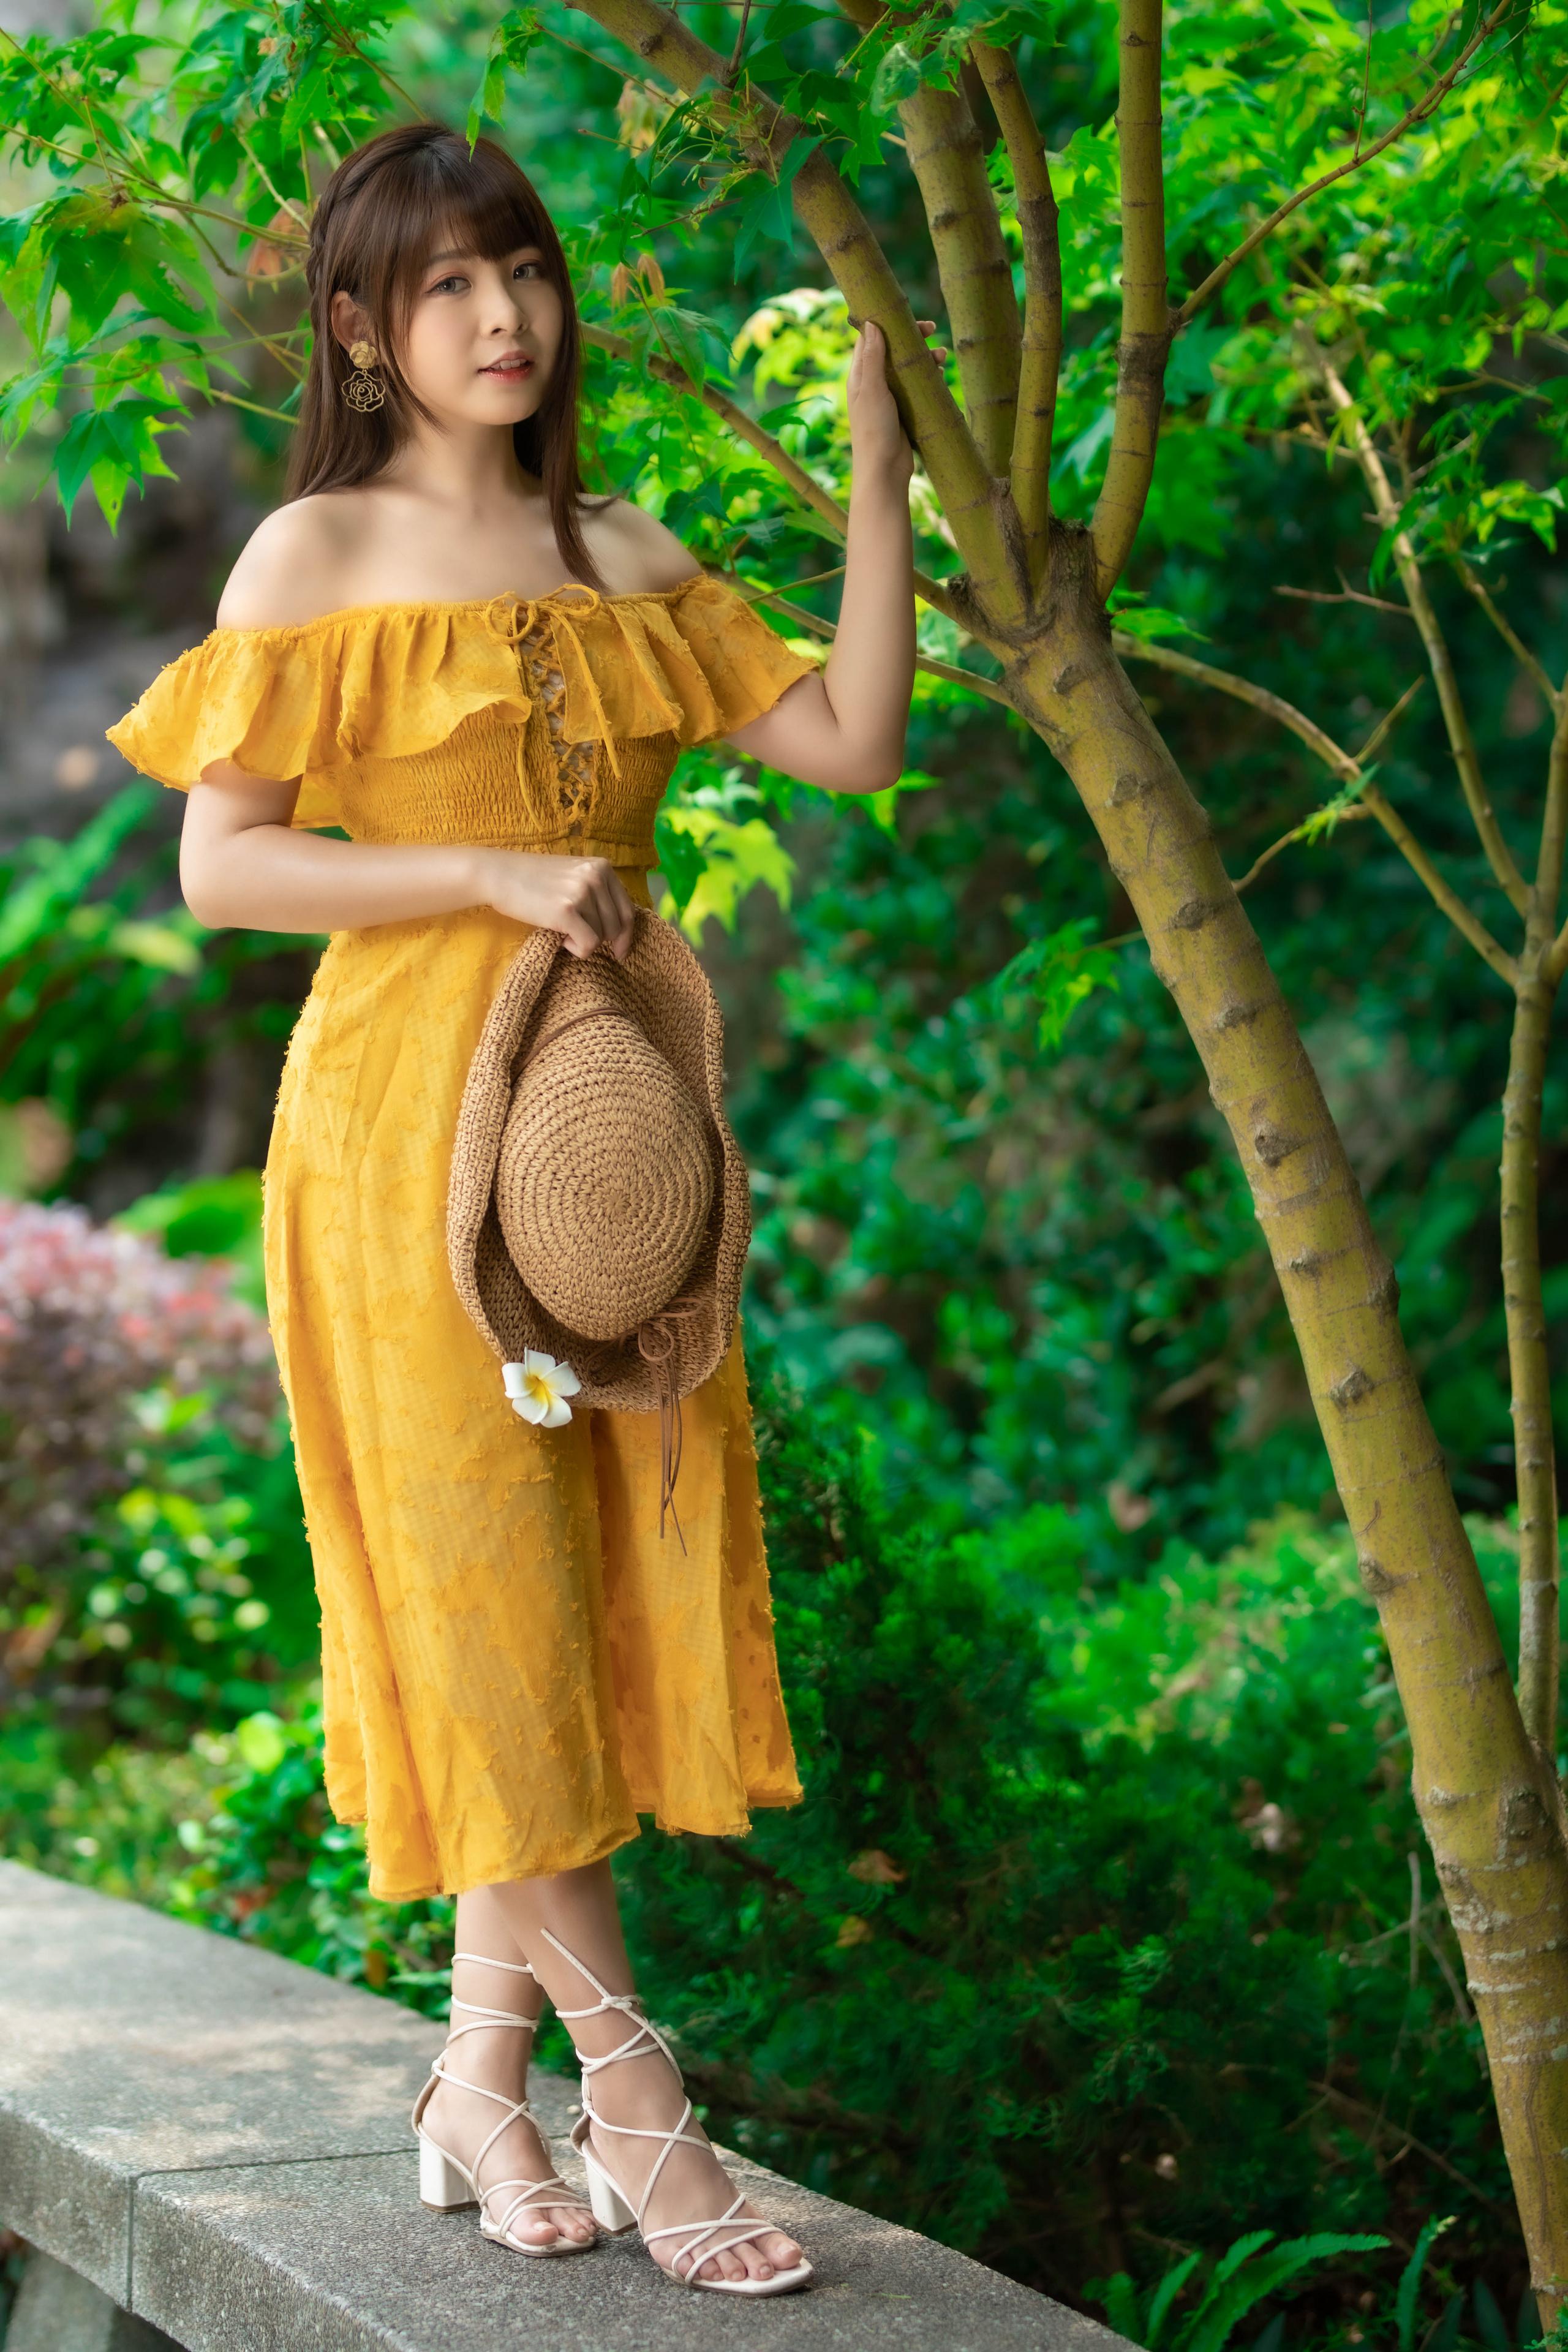 Bilder posiert Der Hut Mädchens Asiatische Blick Kleid  für Handy Pose junge frau junge Frauen Asiaten asiatisches Starren